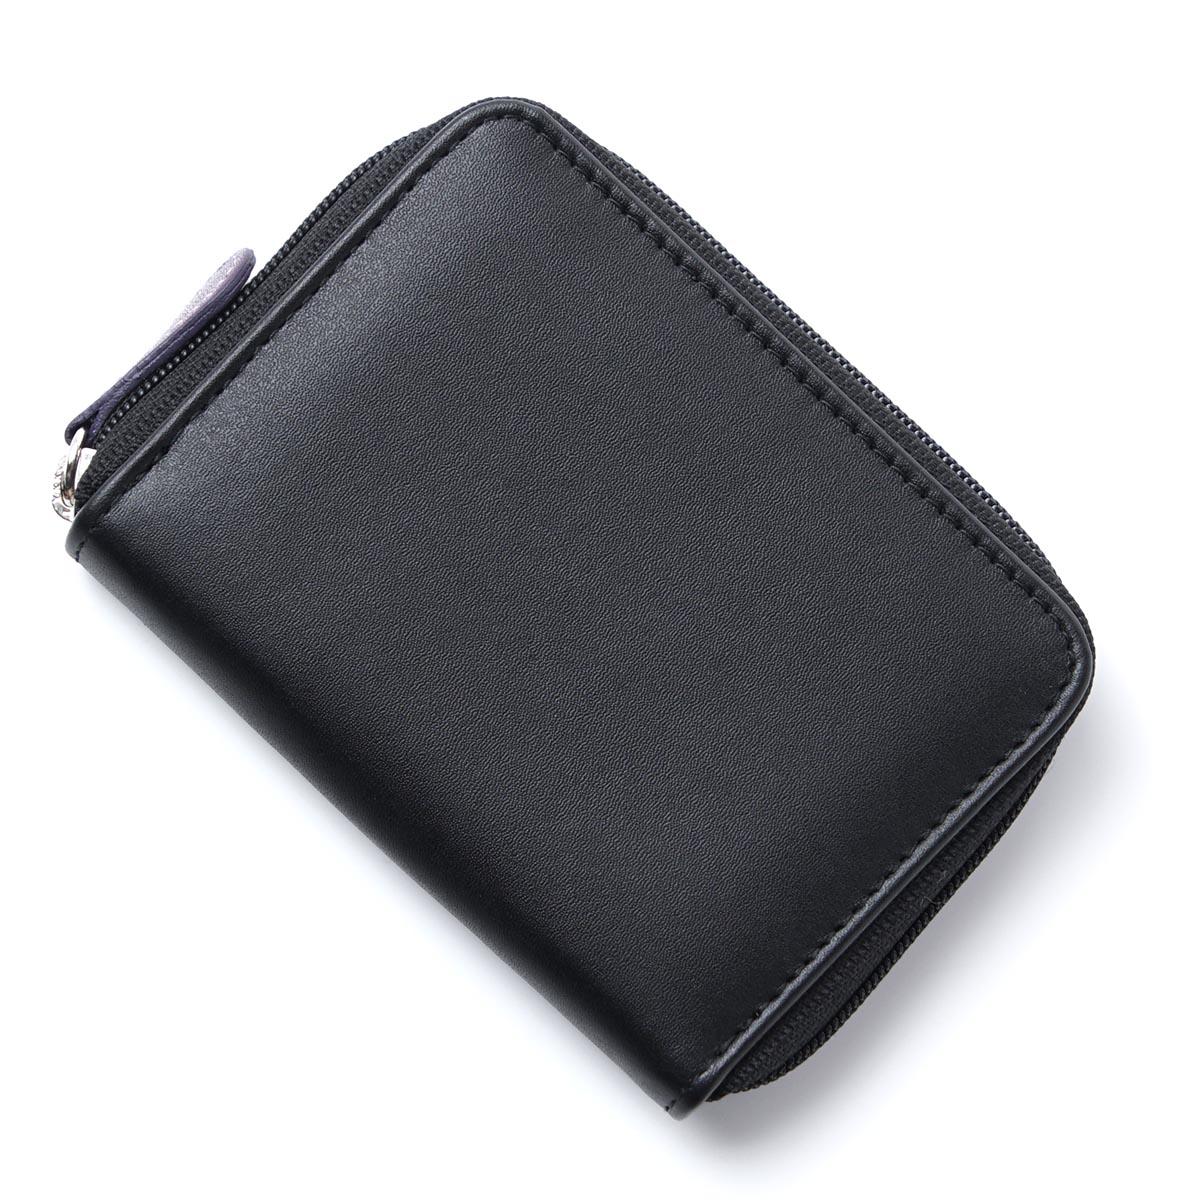 エッティンガー ETTINGER コインケース ブラック メンズ 財布 ウォレット ギフト プレゼント st2050jr purple black ロイヤルコレクション/パープルコレクション【ラッピング無料】【返品送料無料】【171128】【あす楽対応_関東】